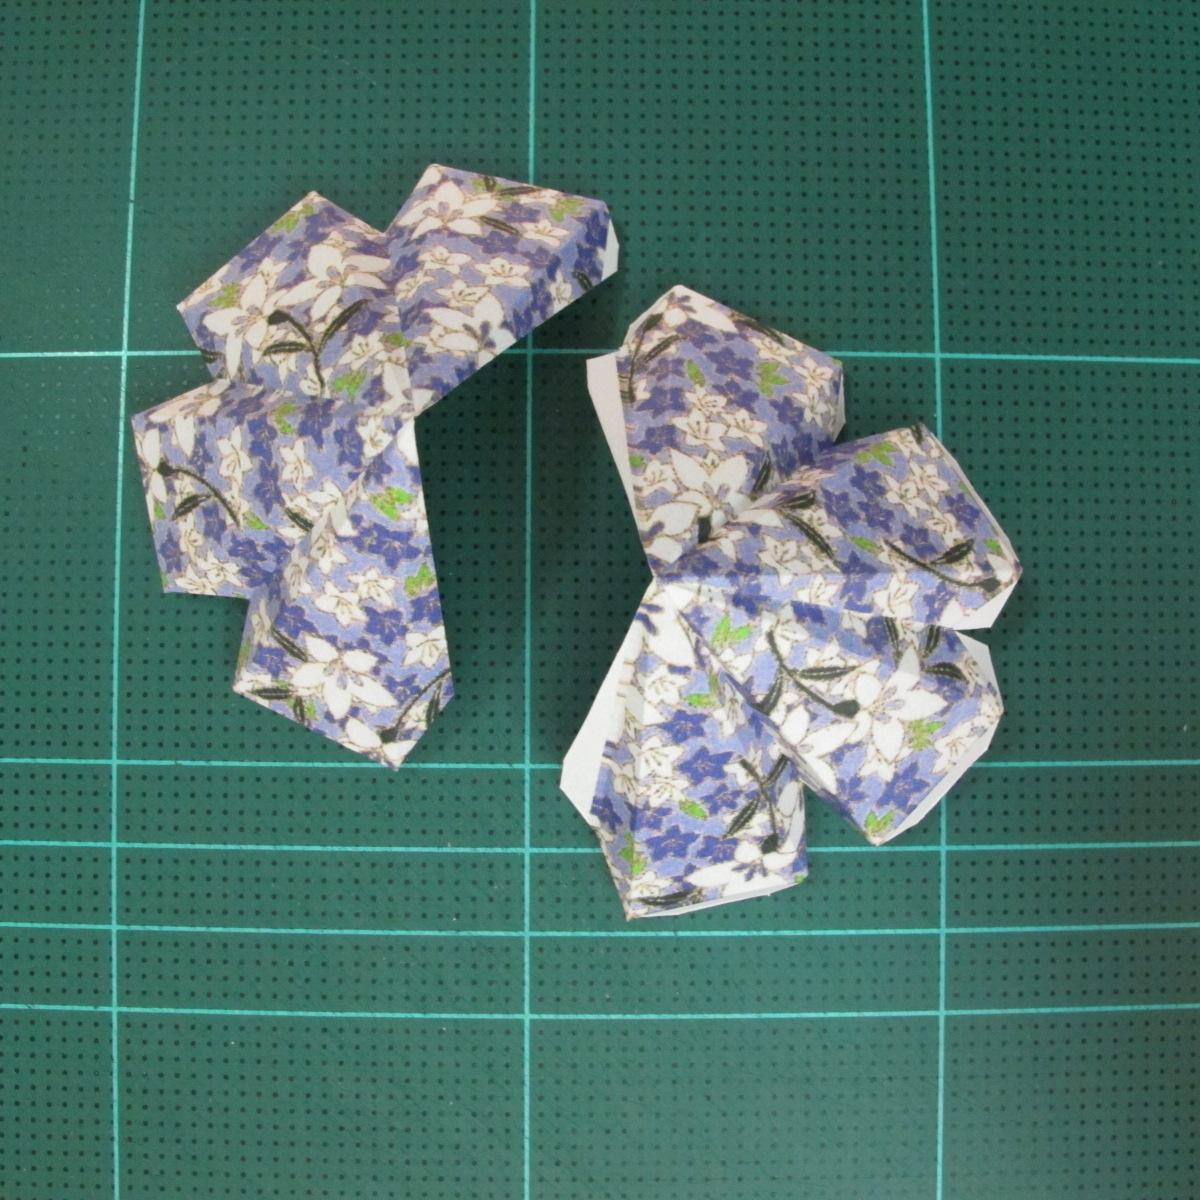 วิธีทำโมเดลกระดาษสำหรับตกแต่งทรงเรขาคณิต (Decor Geometry Papercraft Model) 003